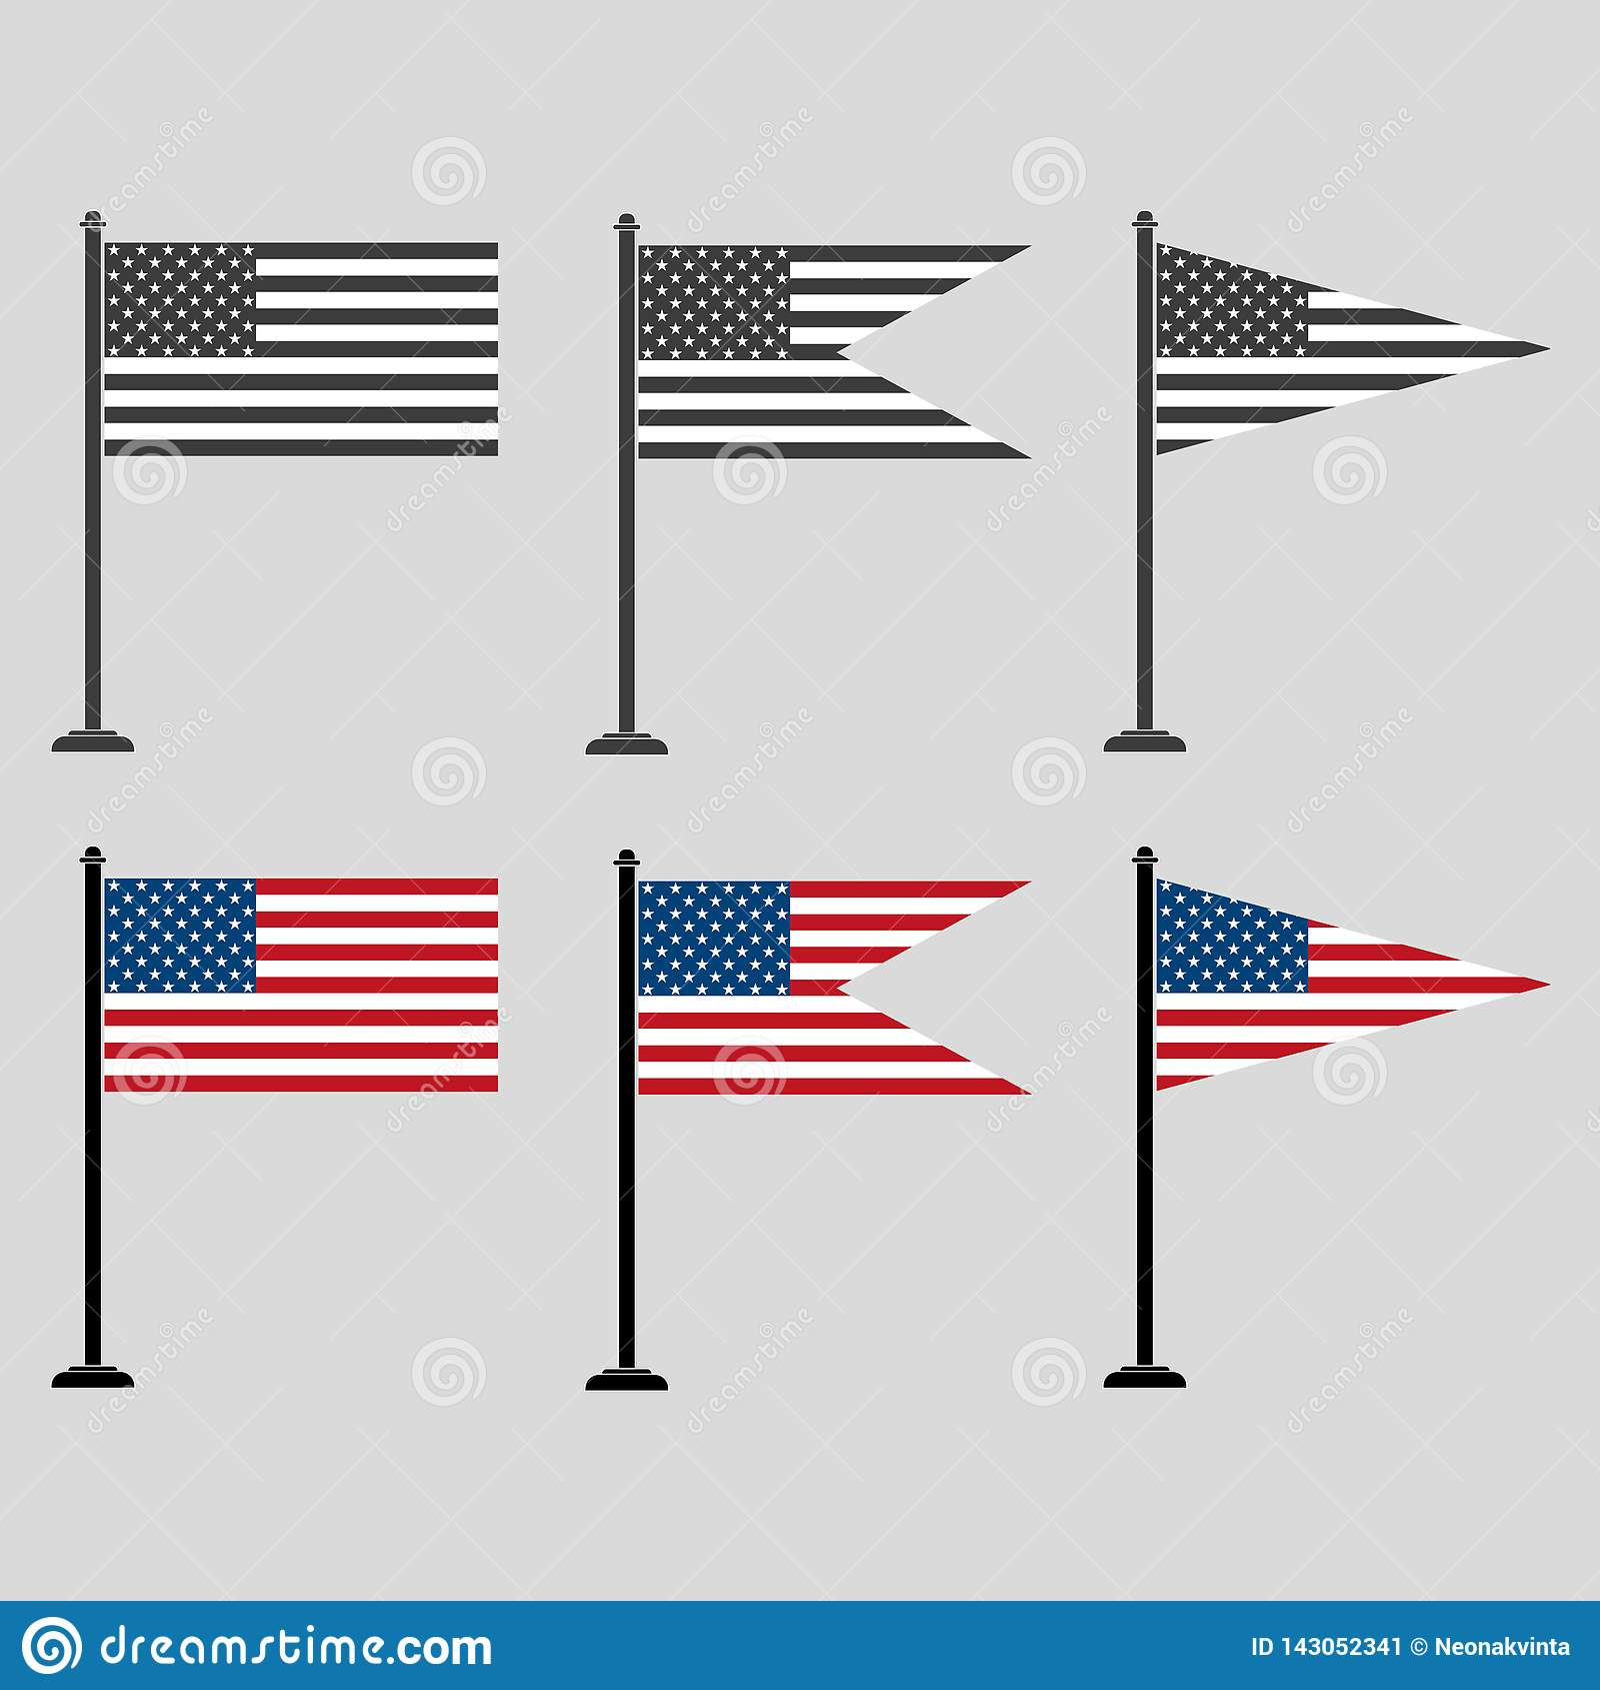 Um grupo de bandeiras americanas de formas diferentes, coloridas e cinzentas